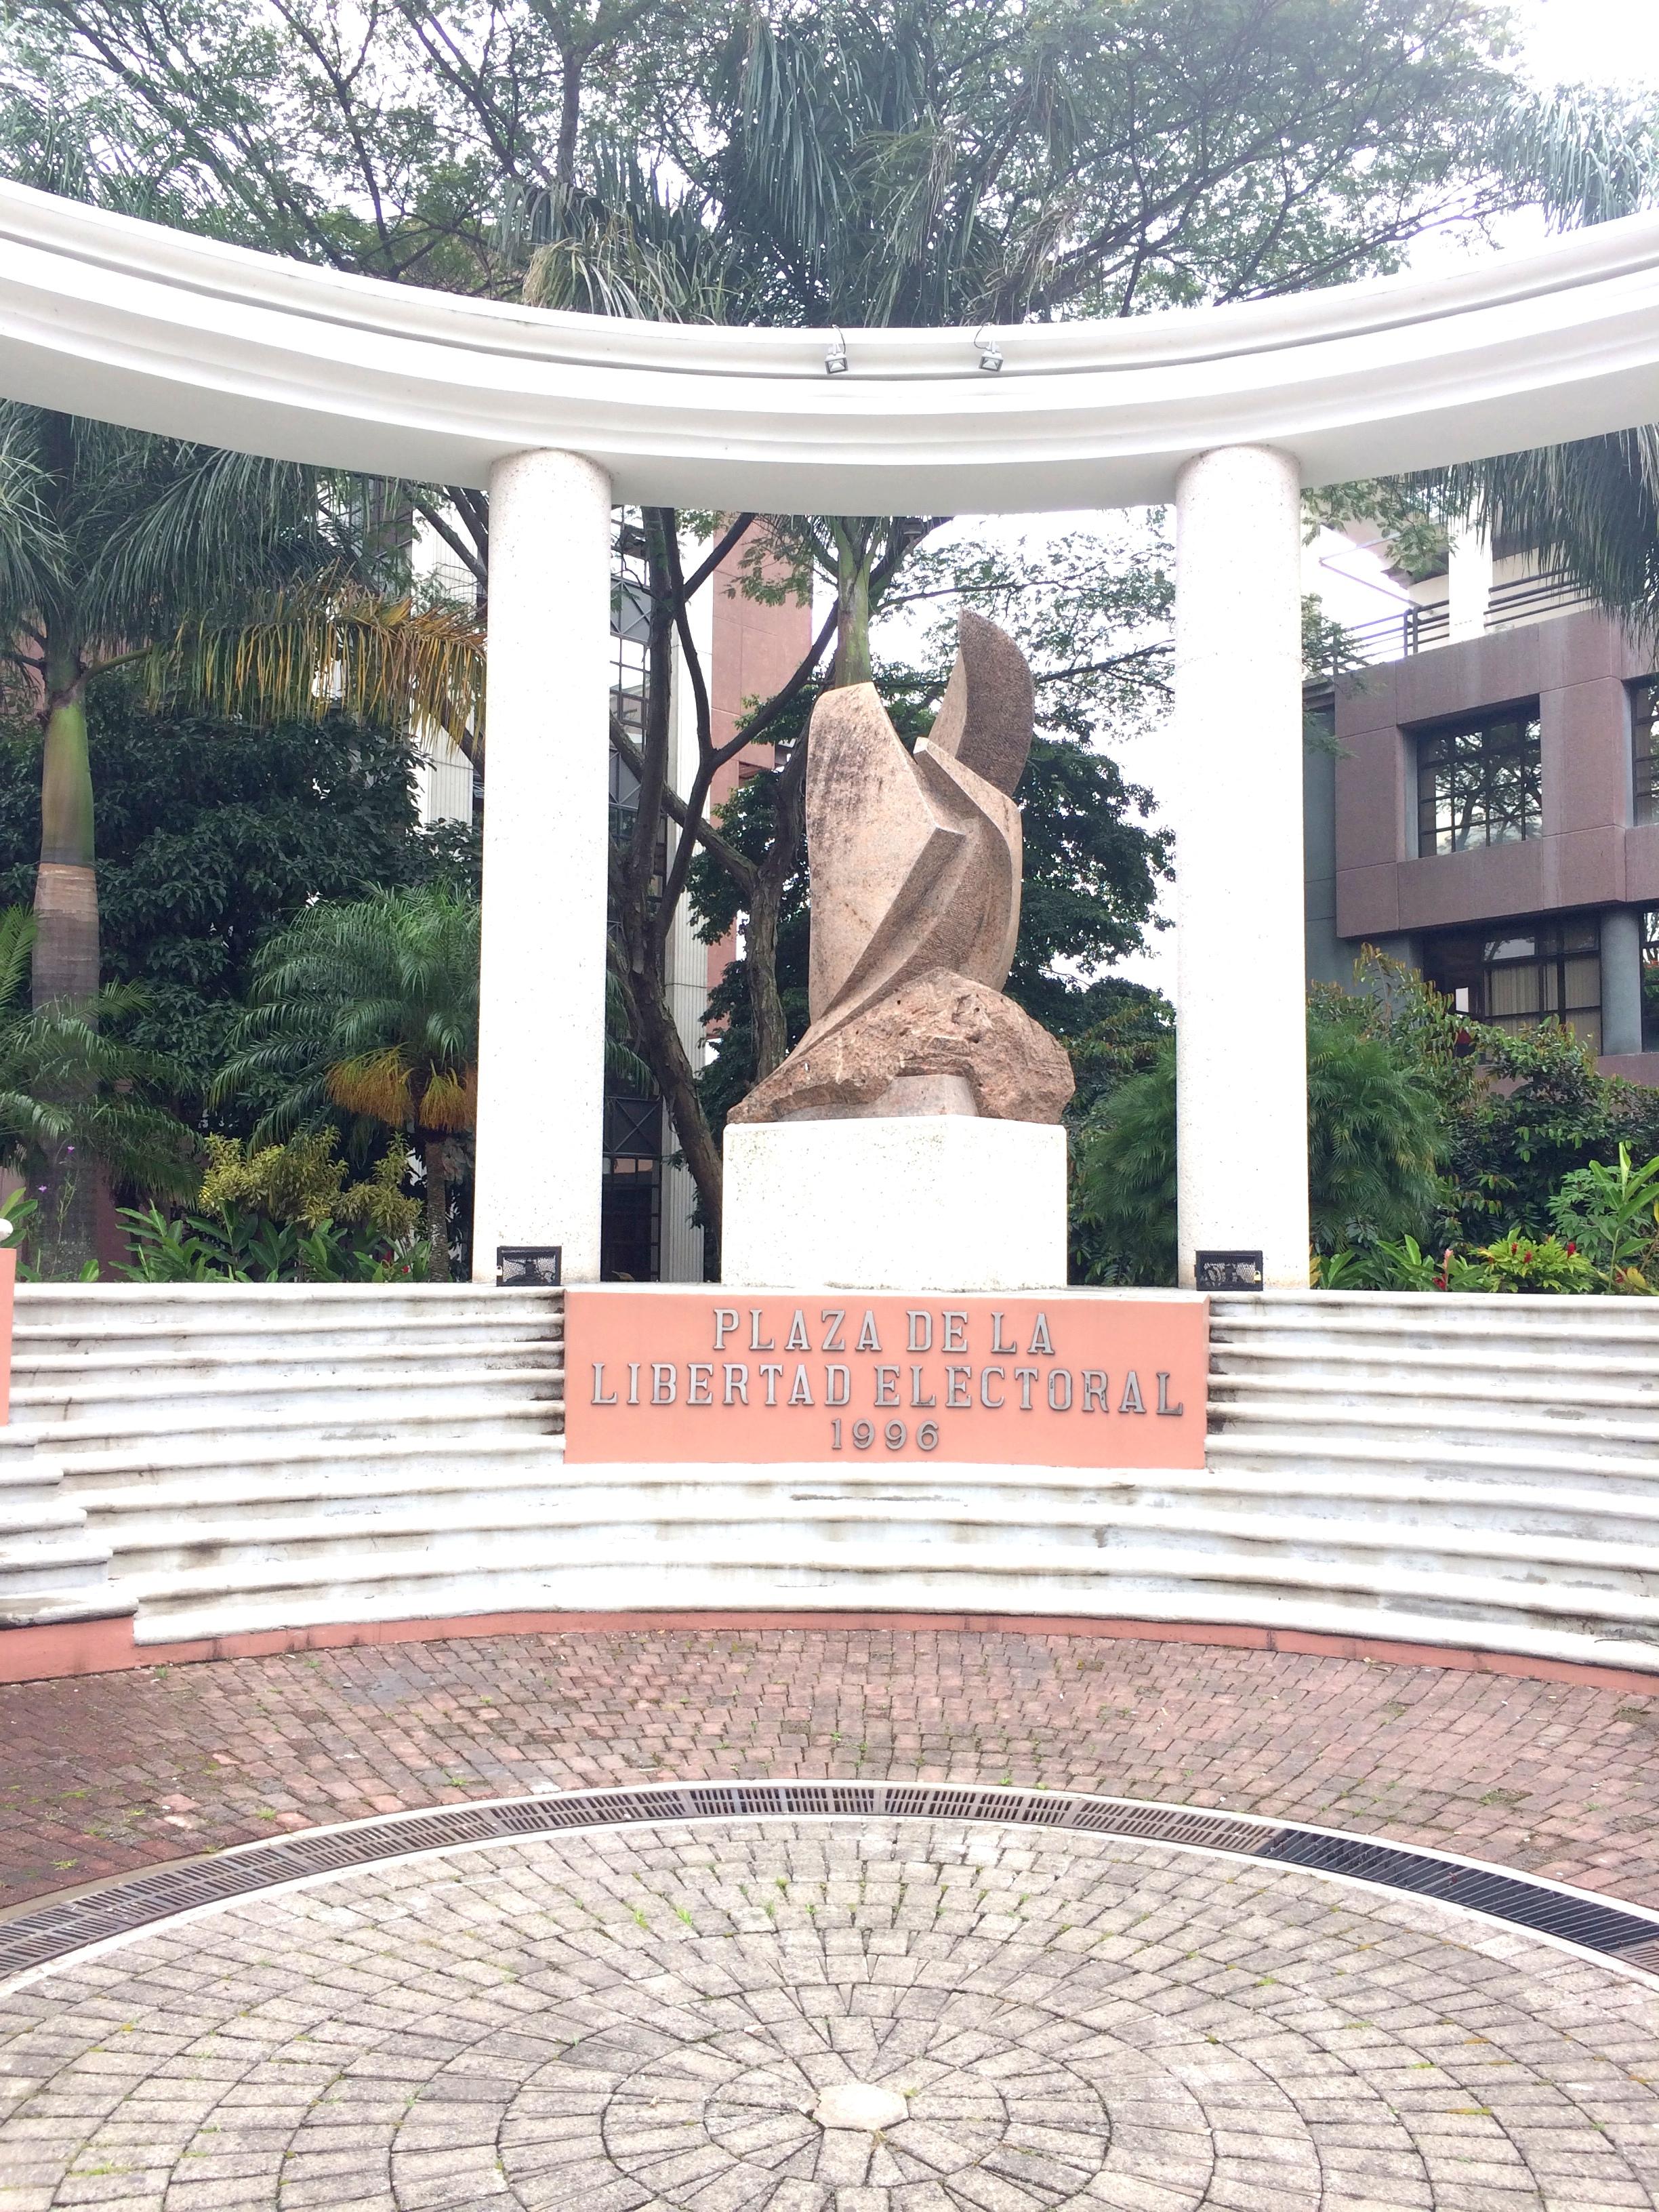 Plaza de la Libertad Electoral, 1996